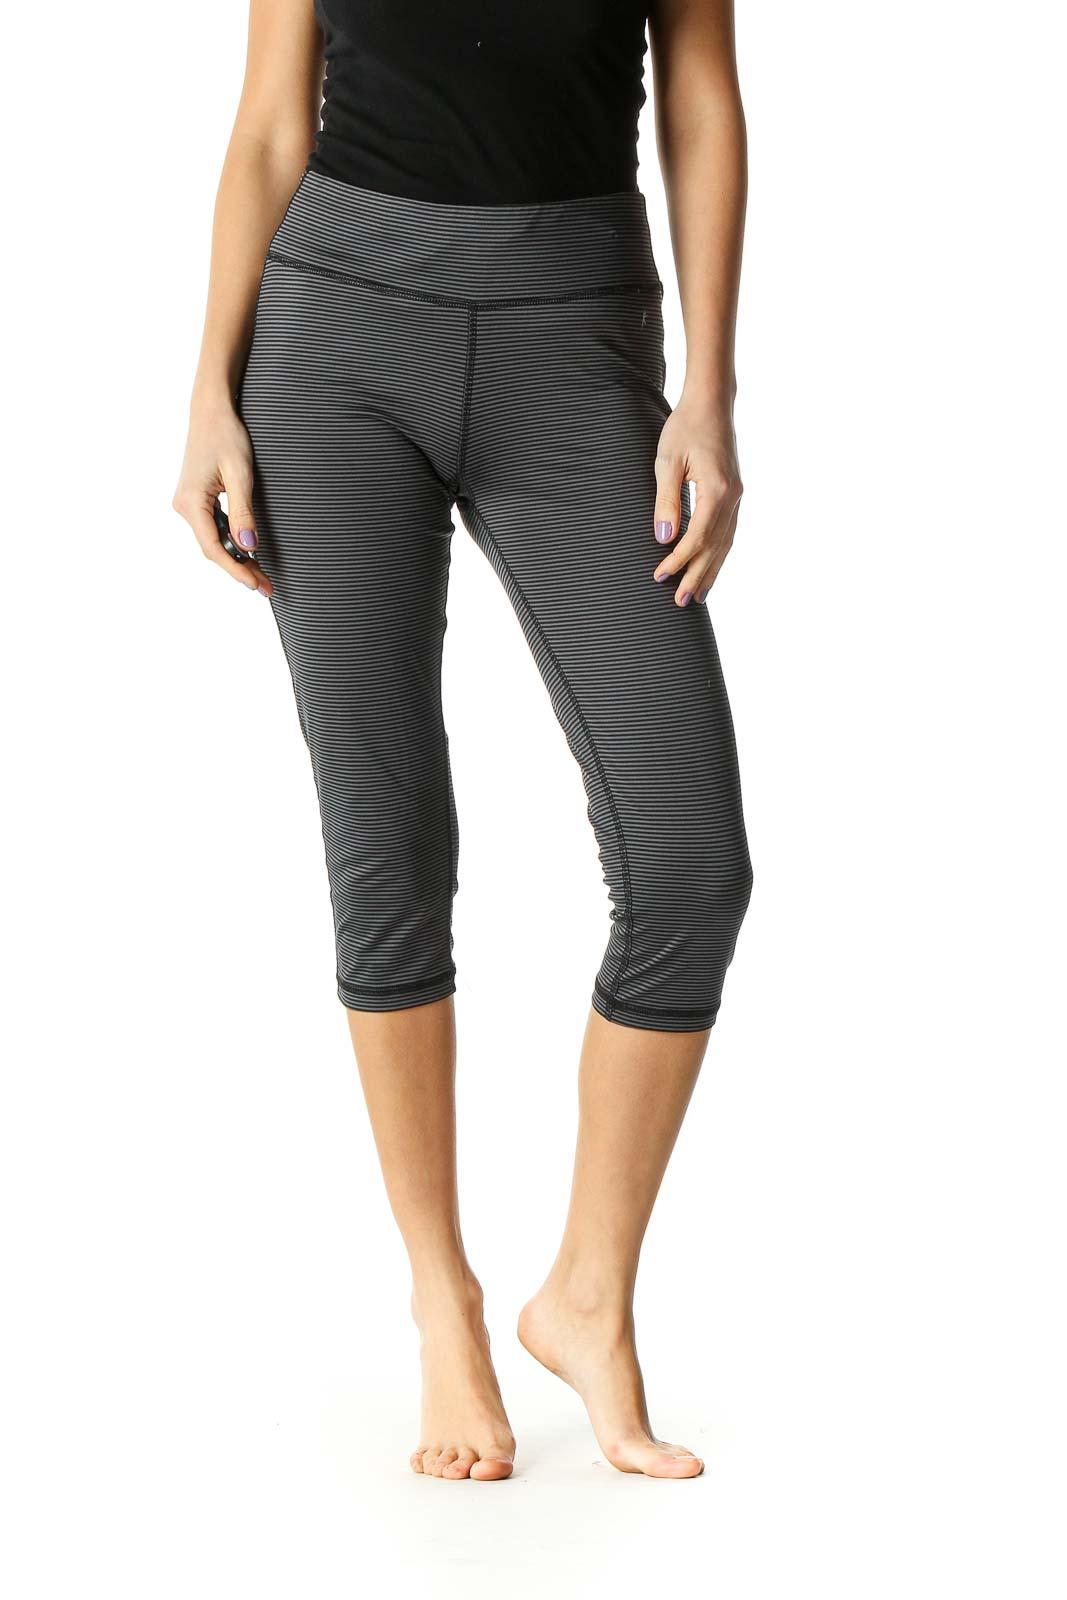 Gray Print Casual Leggings Front